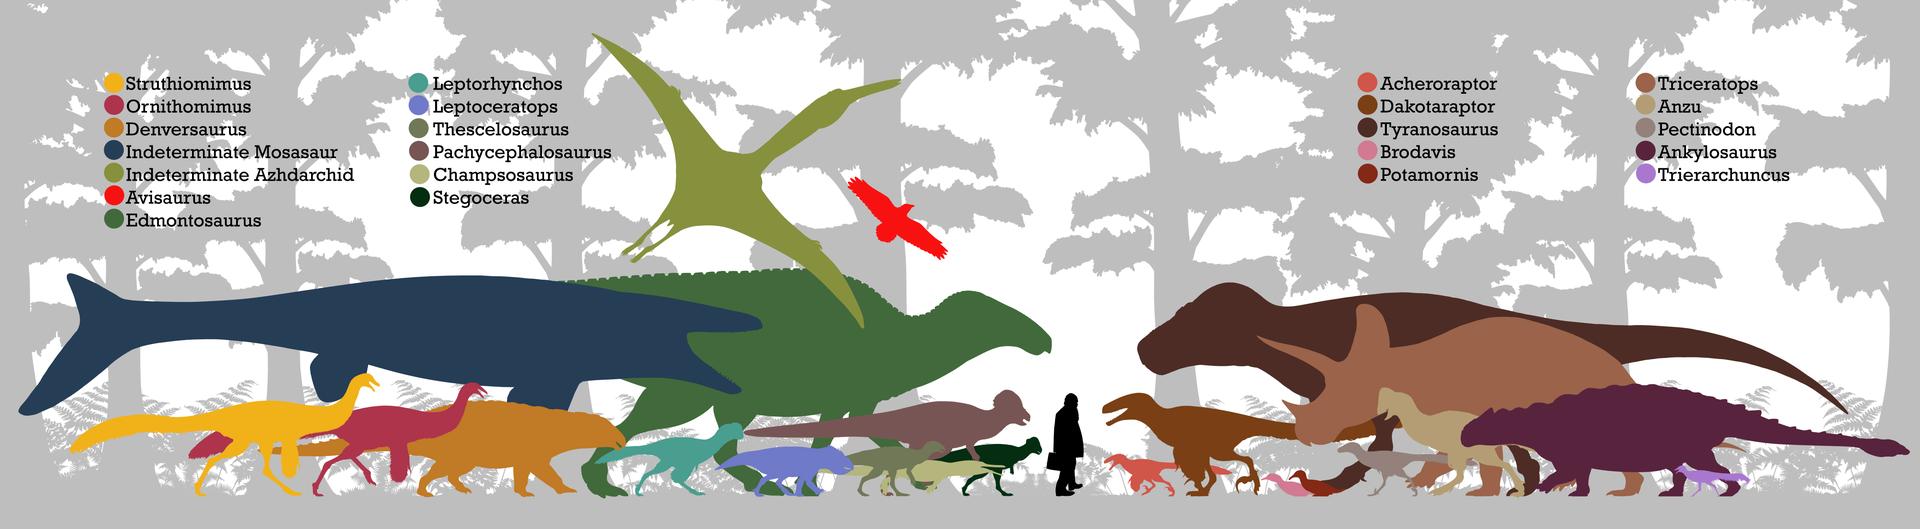 Znázornění siluet převážné části megafauny, známé ze sedimentů geologického souvrství Hell Creek. Ačkoliv zde výrazně převažují dinosauři, dnes už sem musíme zařadit také blíže neurčený druh obřího mosasaurida (tmavě modrá silueta). Kredit: PaleoNeol